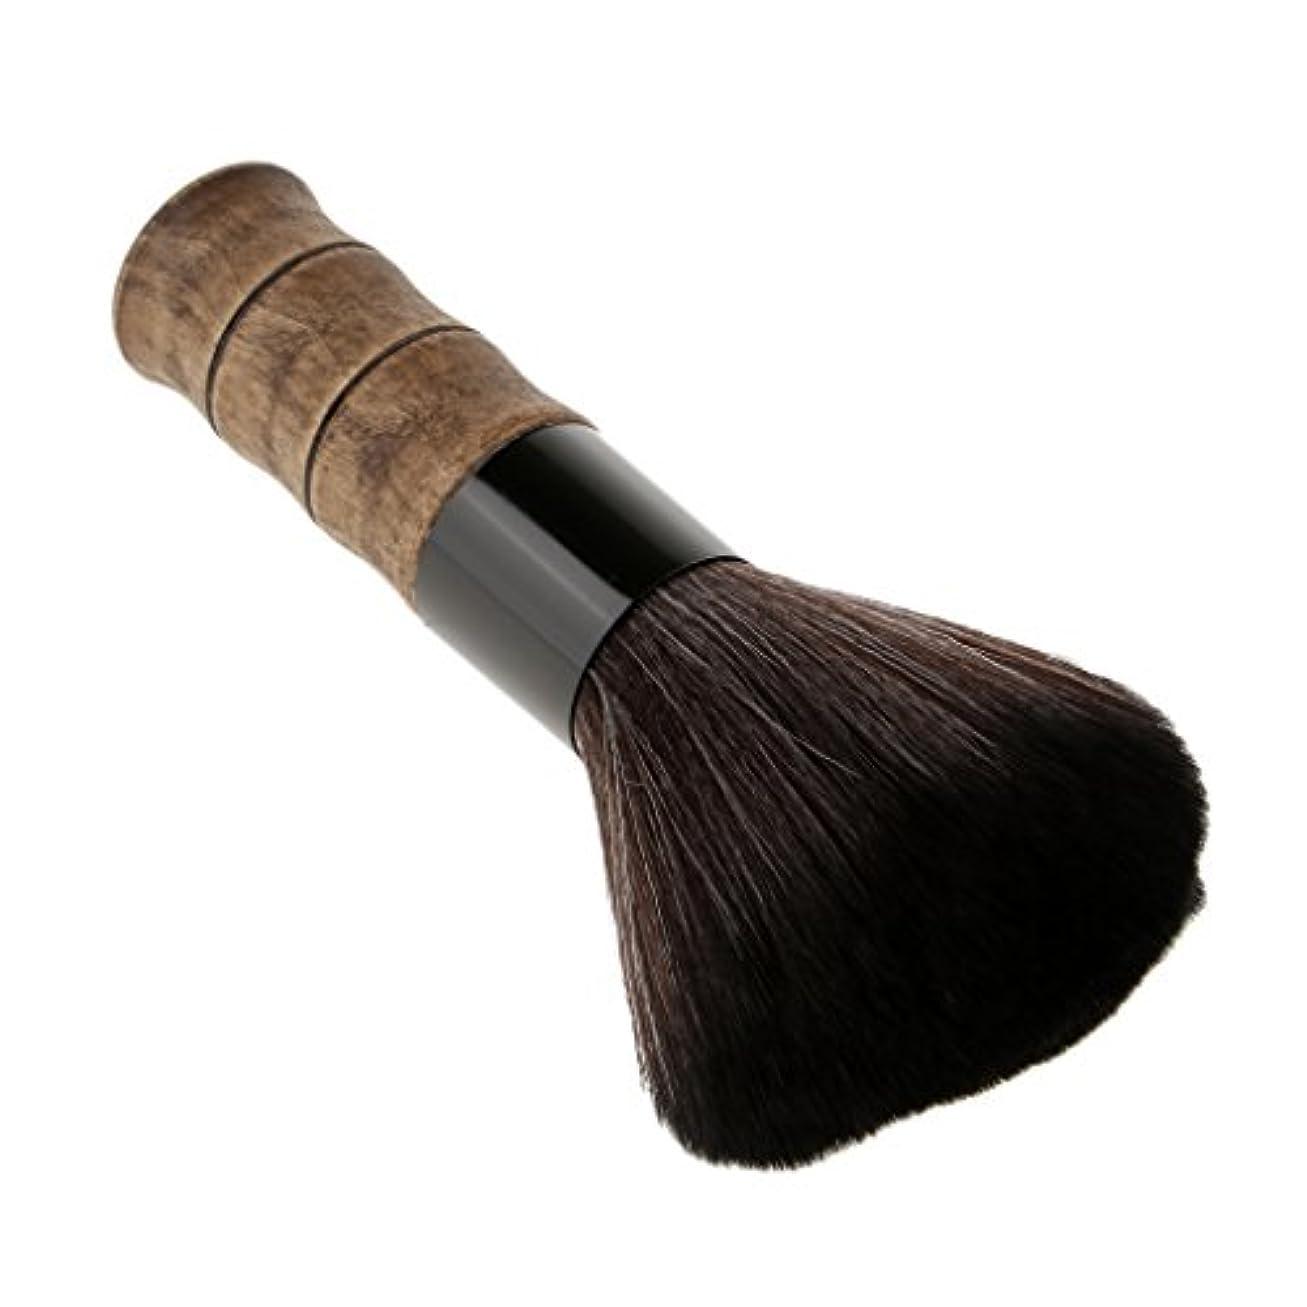 金額オーバードロー許容できるソフトファイバー脱毛シェービングブラシブラッシュルーズパウダーメイクブラシ竹 - ブラック